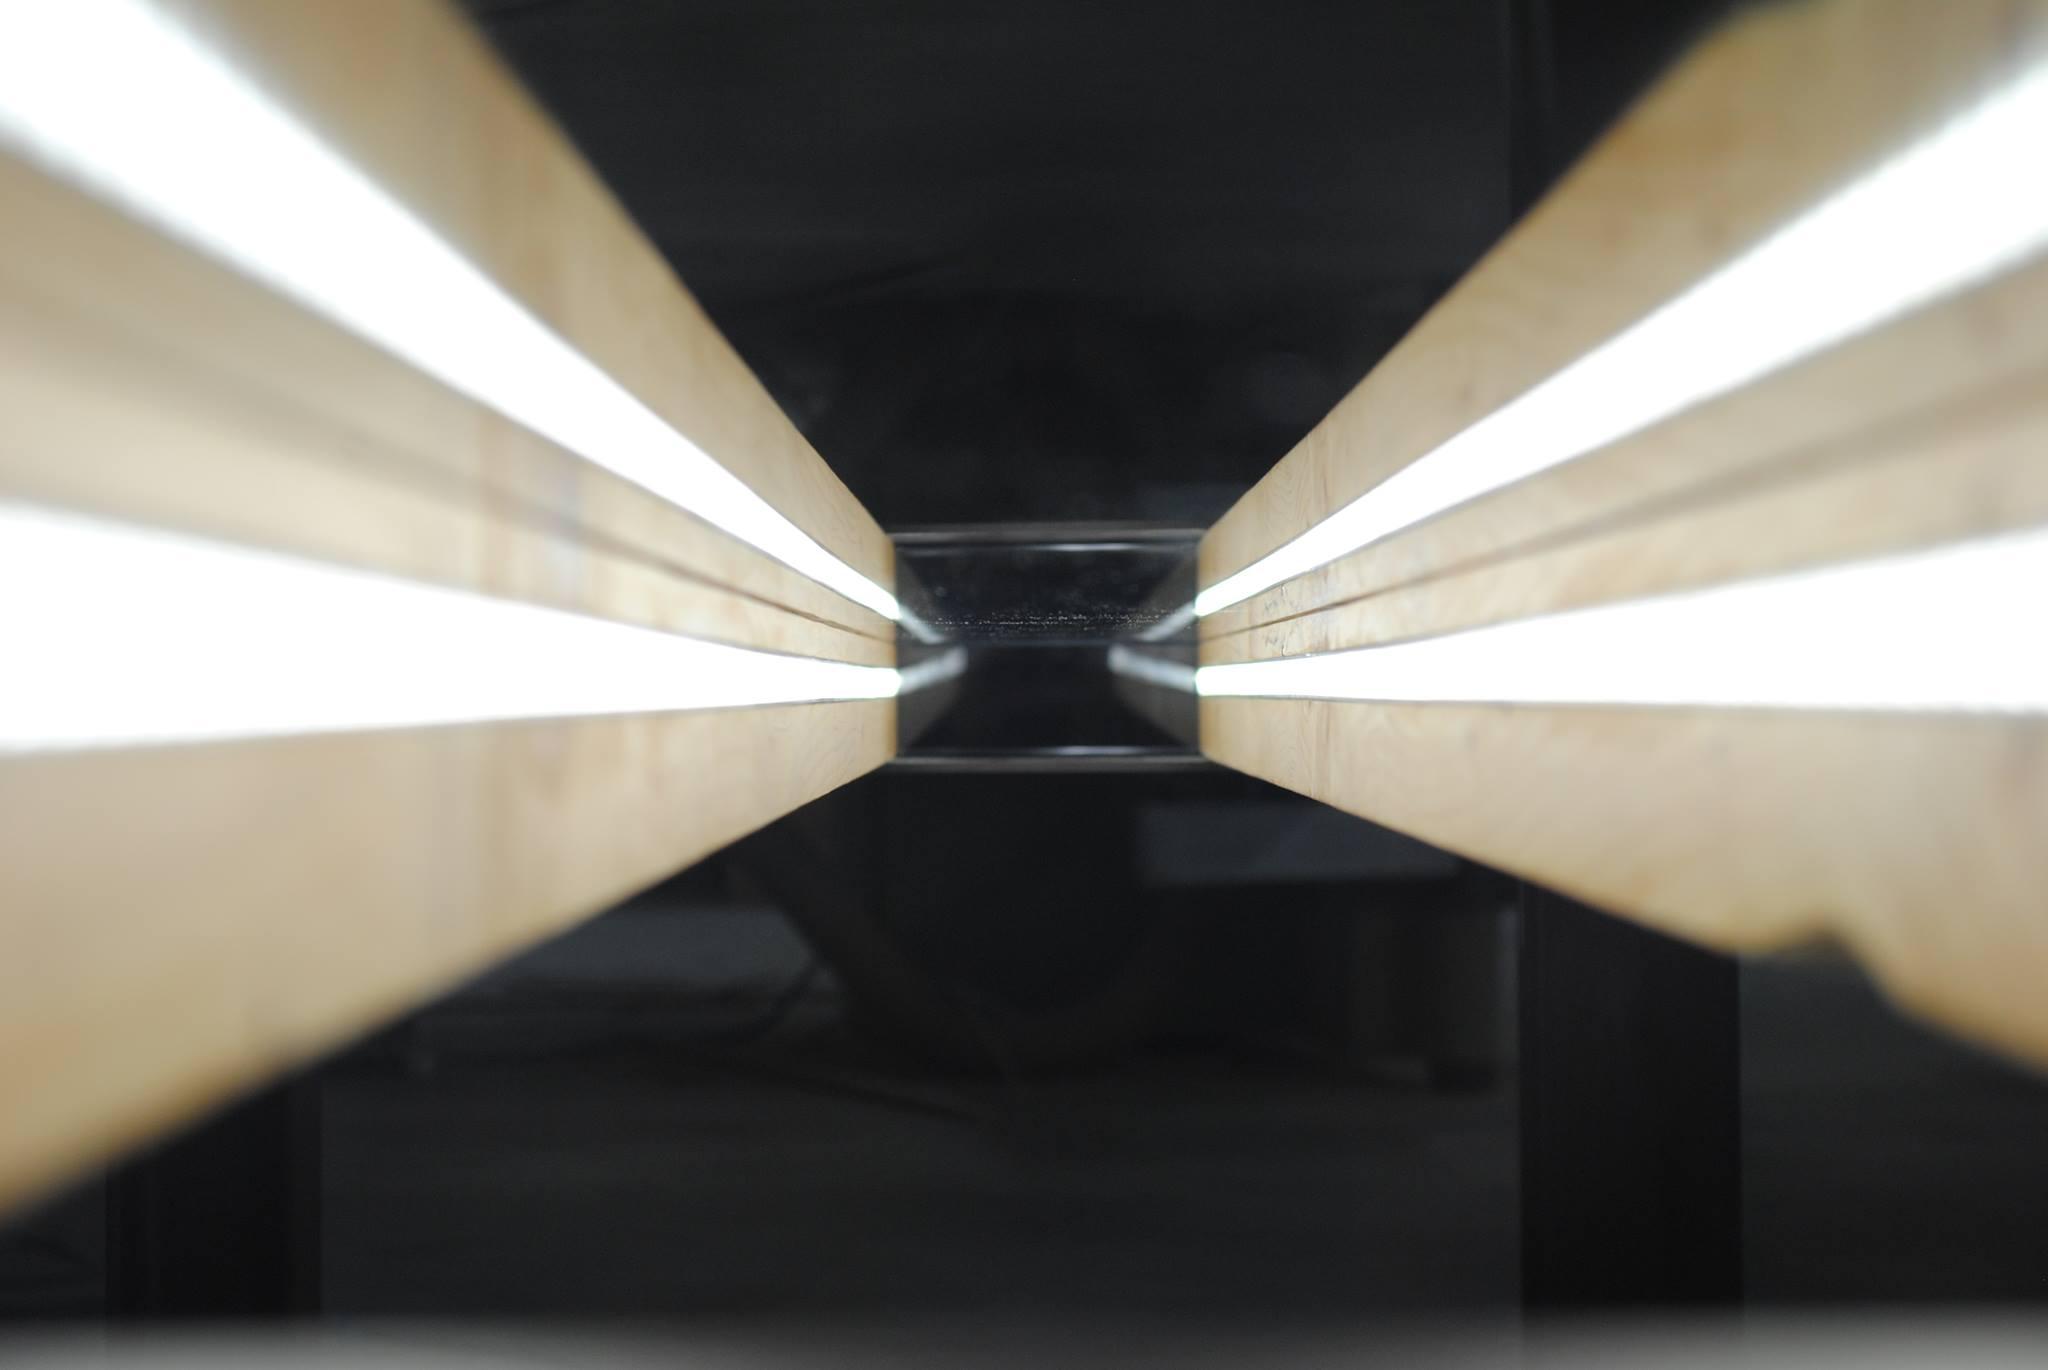 Tavolo Legno e Vetro Illuminato6